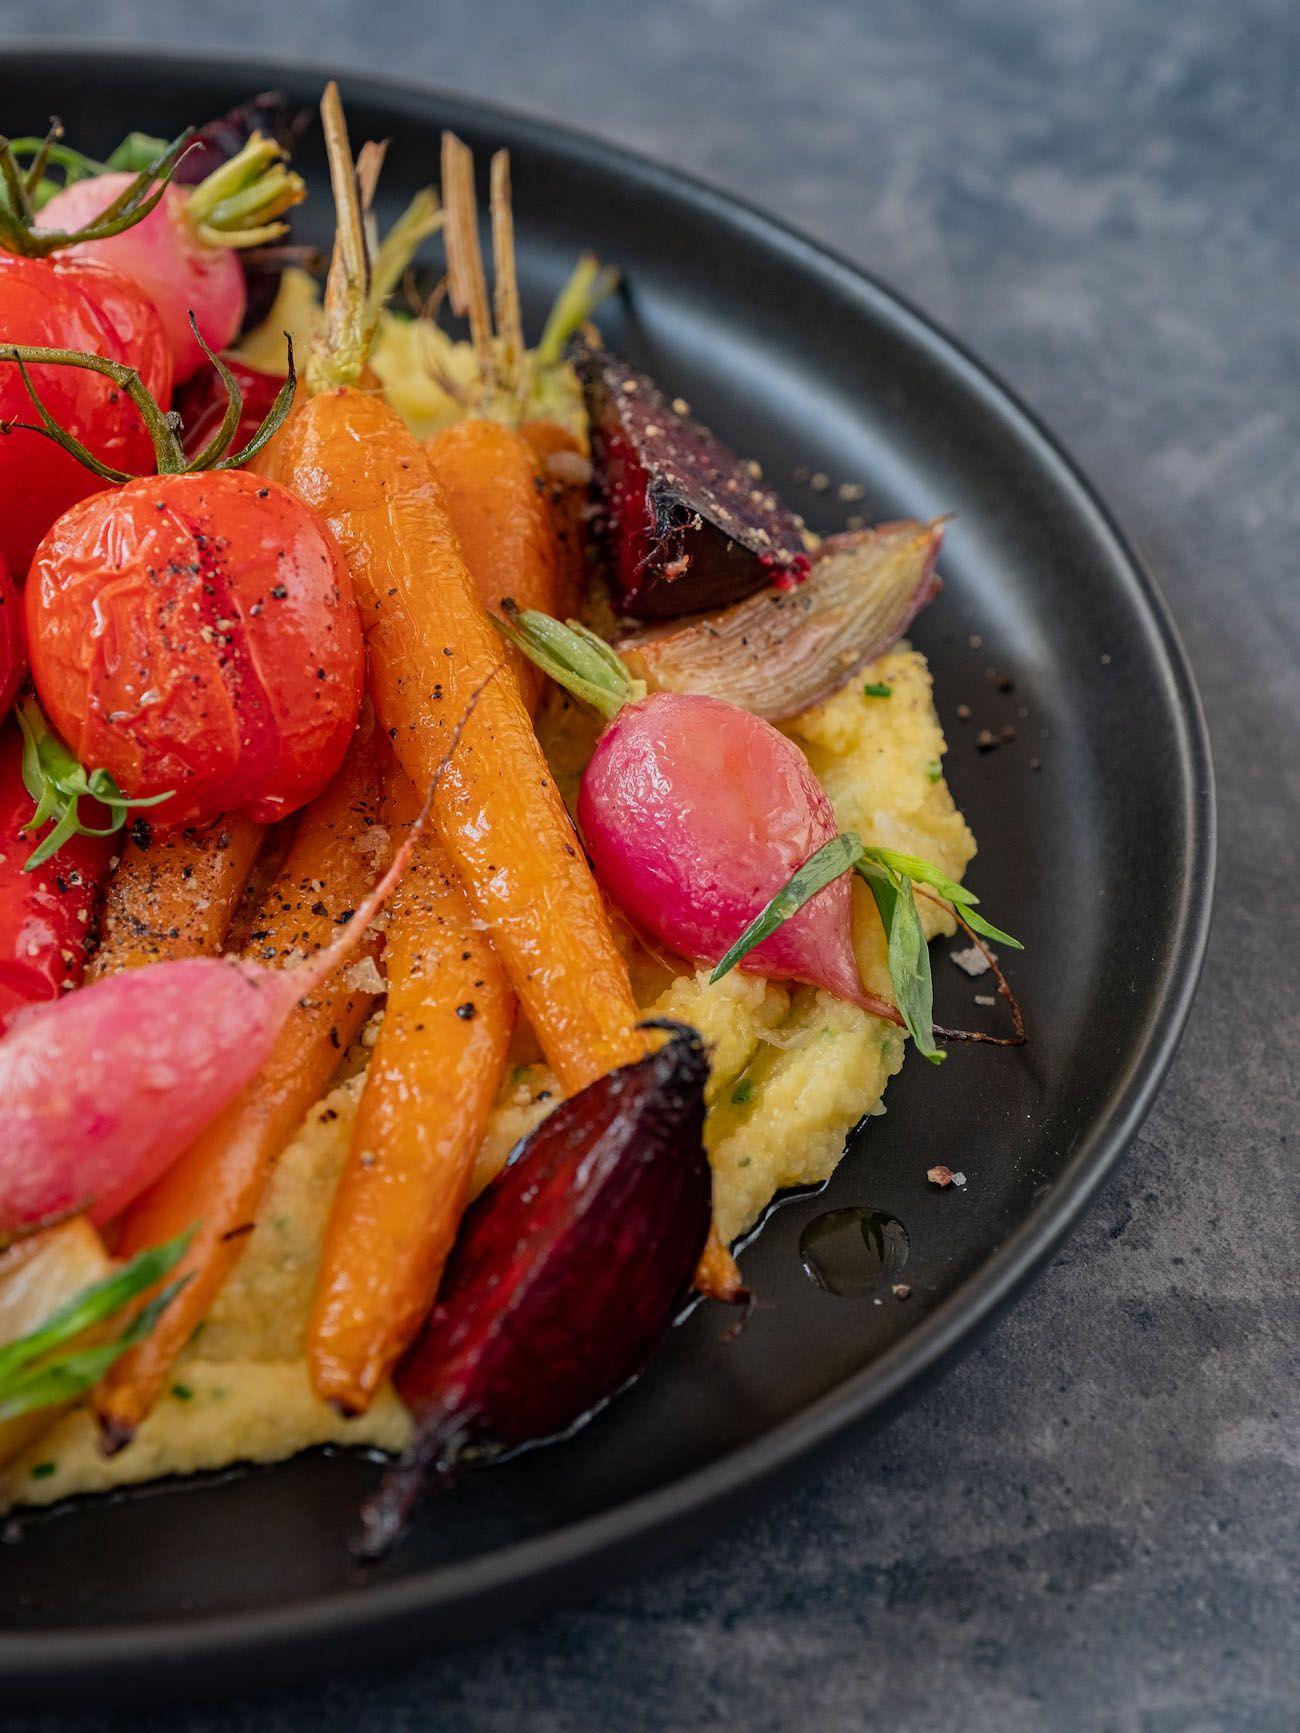 Rezept, Foodblo, About Fuel, Cremige Polenta mit Sommergemüse, Rote Bete, Tomaten, Radieschen, Schalotten